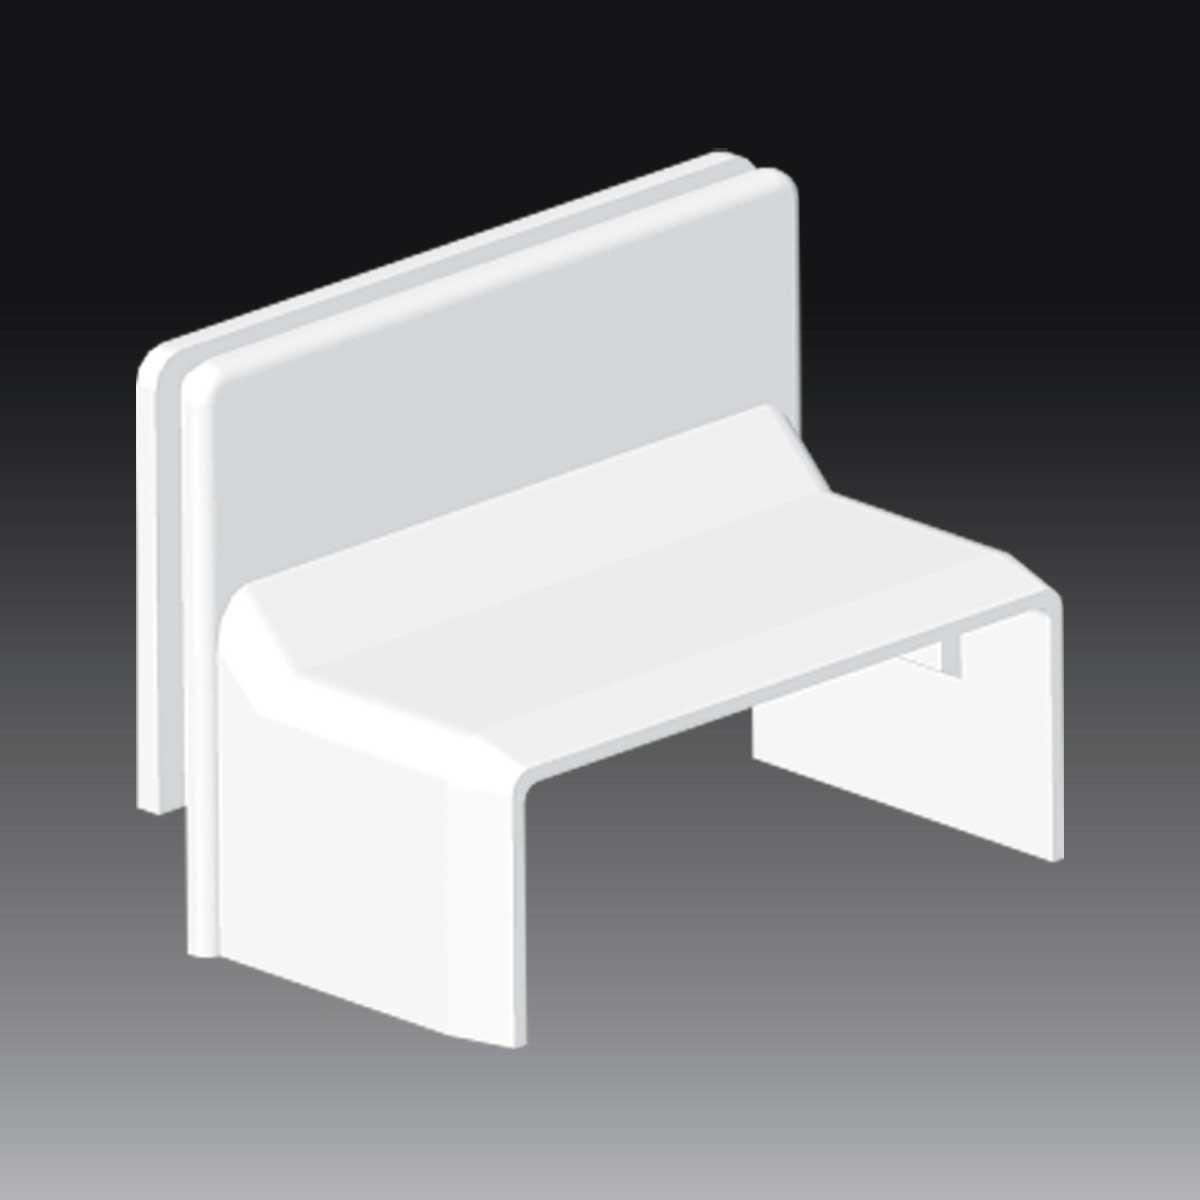 Перехідник посилений на коробку LK 80x16 білого кольору; Серія LV; ПВХ